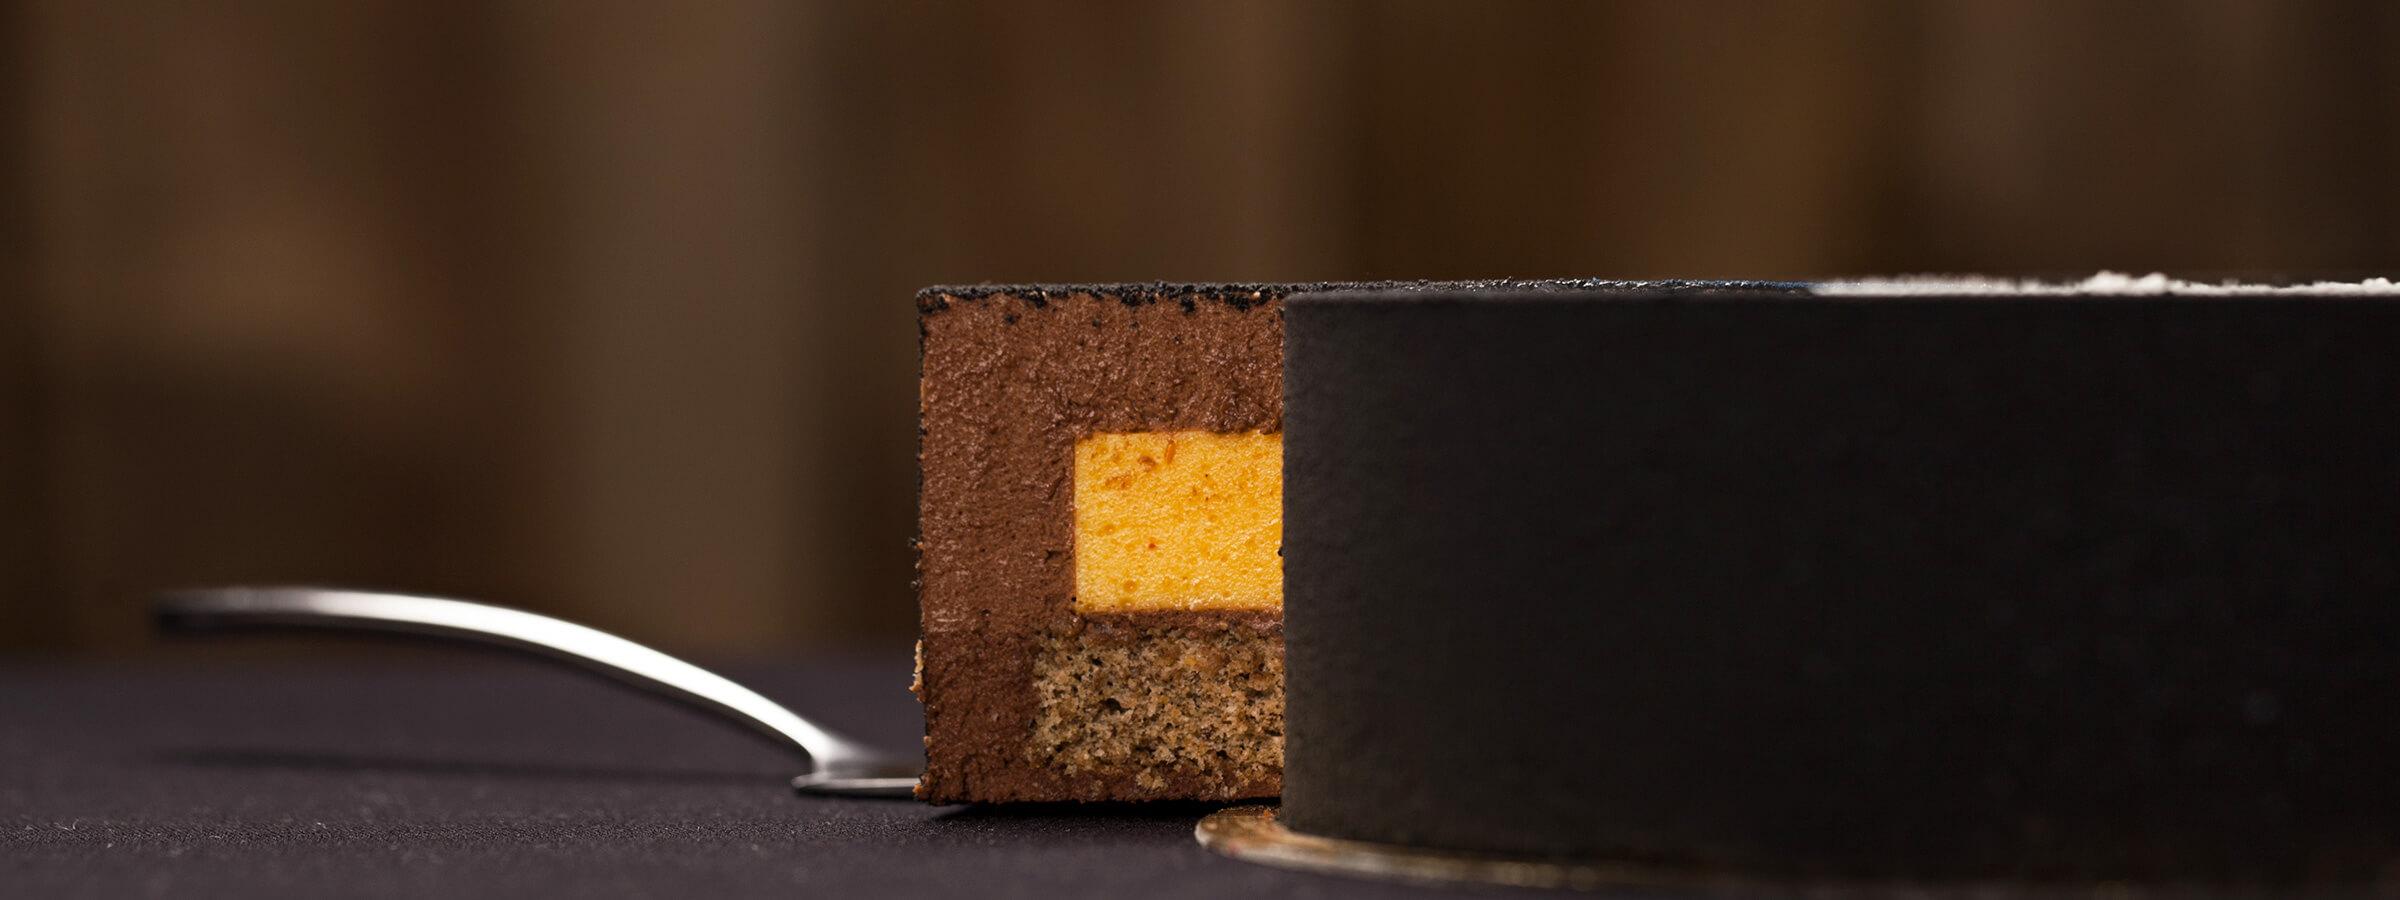 foto torta pasticceria e pasticciere professionale con cuore cremoso